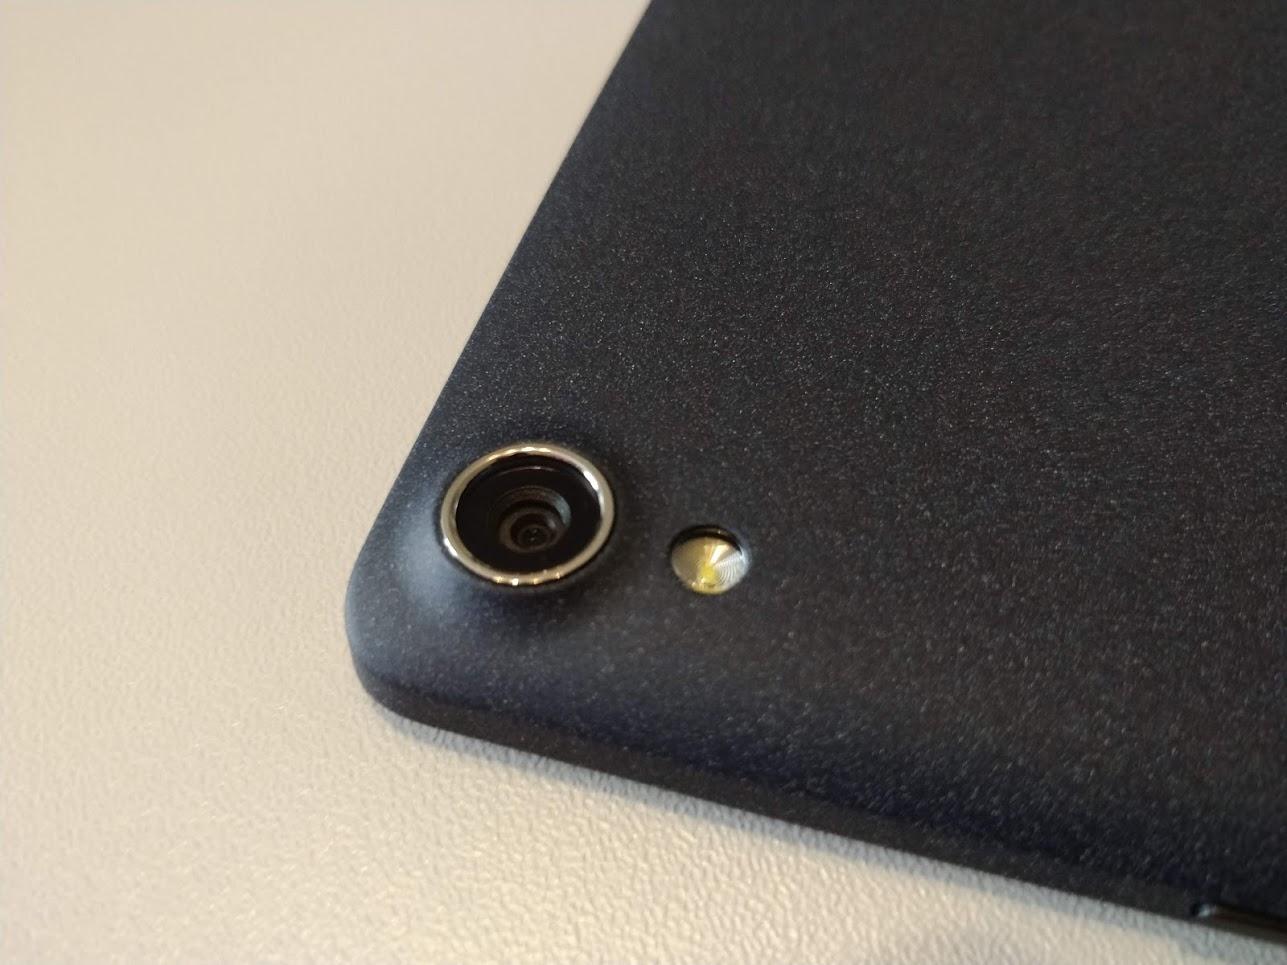 Lenovo-P8-Android-tablet-Tab3-8-Plus-16GB-3GB-07